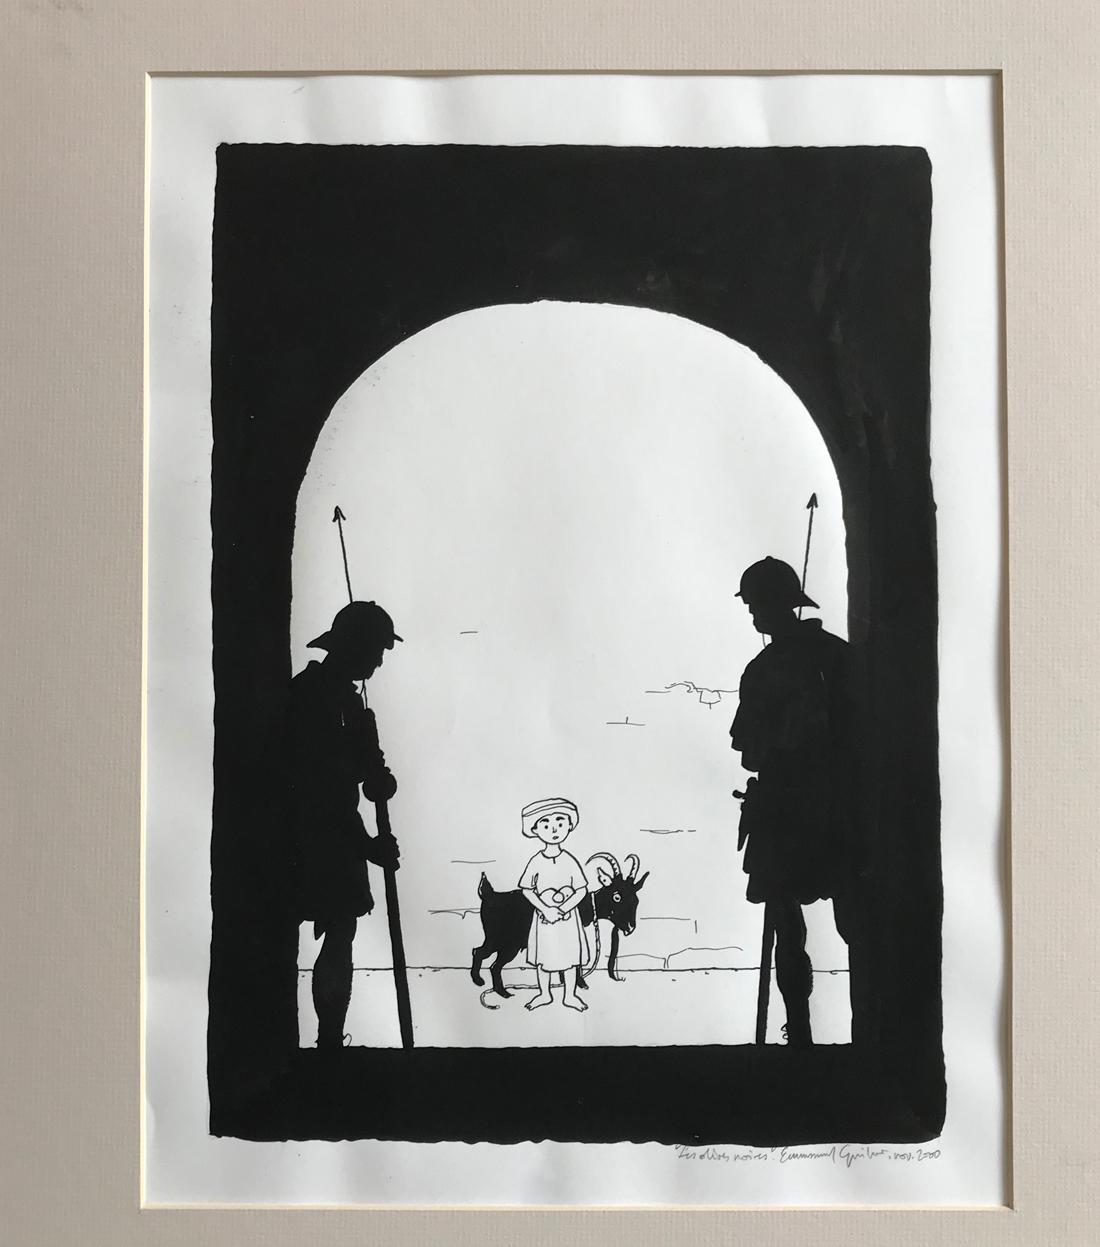 30 ans d'édition, par Sébastien Gnaedig, Chapitre 27: Le Photographe. Les Olives Noires de Guibert et Sfar